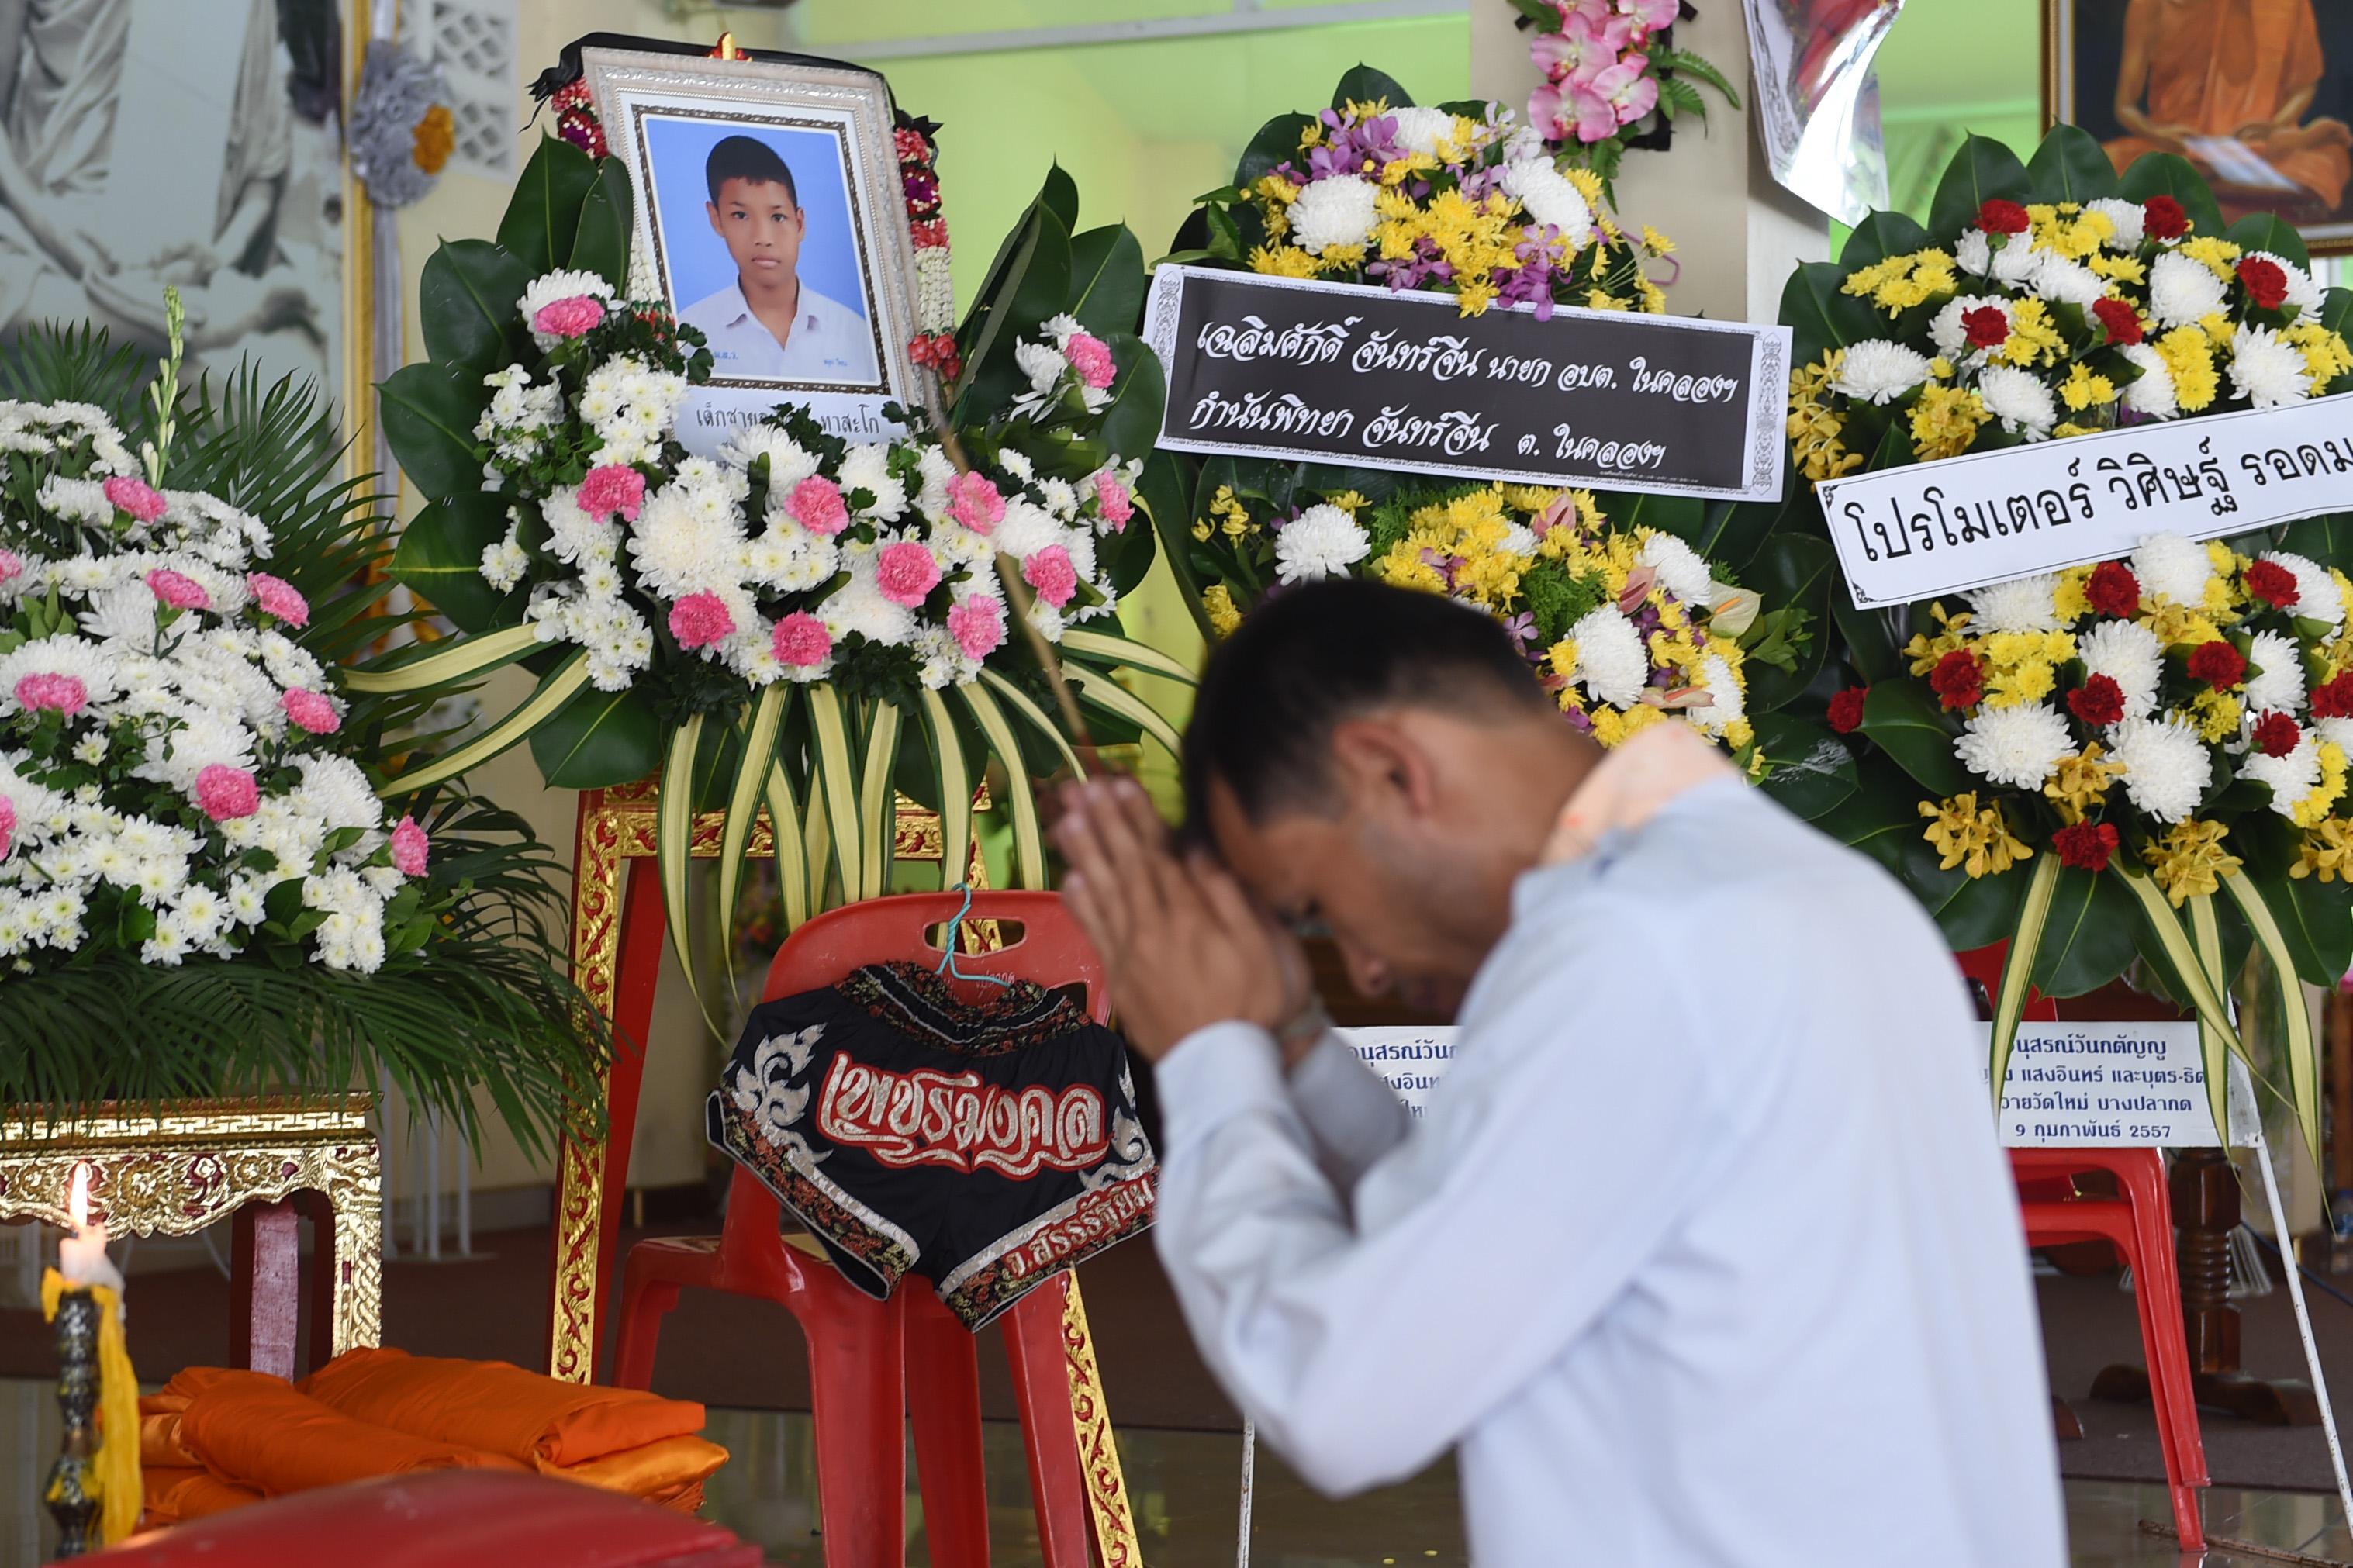 Thaiföldön vita indult a gyerekek thaiboksz-viadalairól, miután egy 13 éves fiú, aki nem viselt védőfelszerelést, meghalt